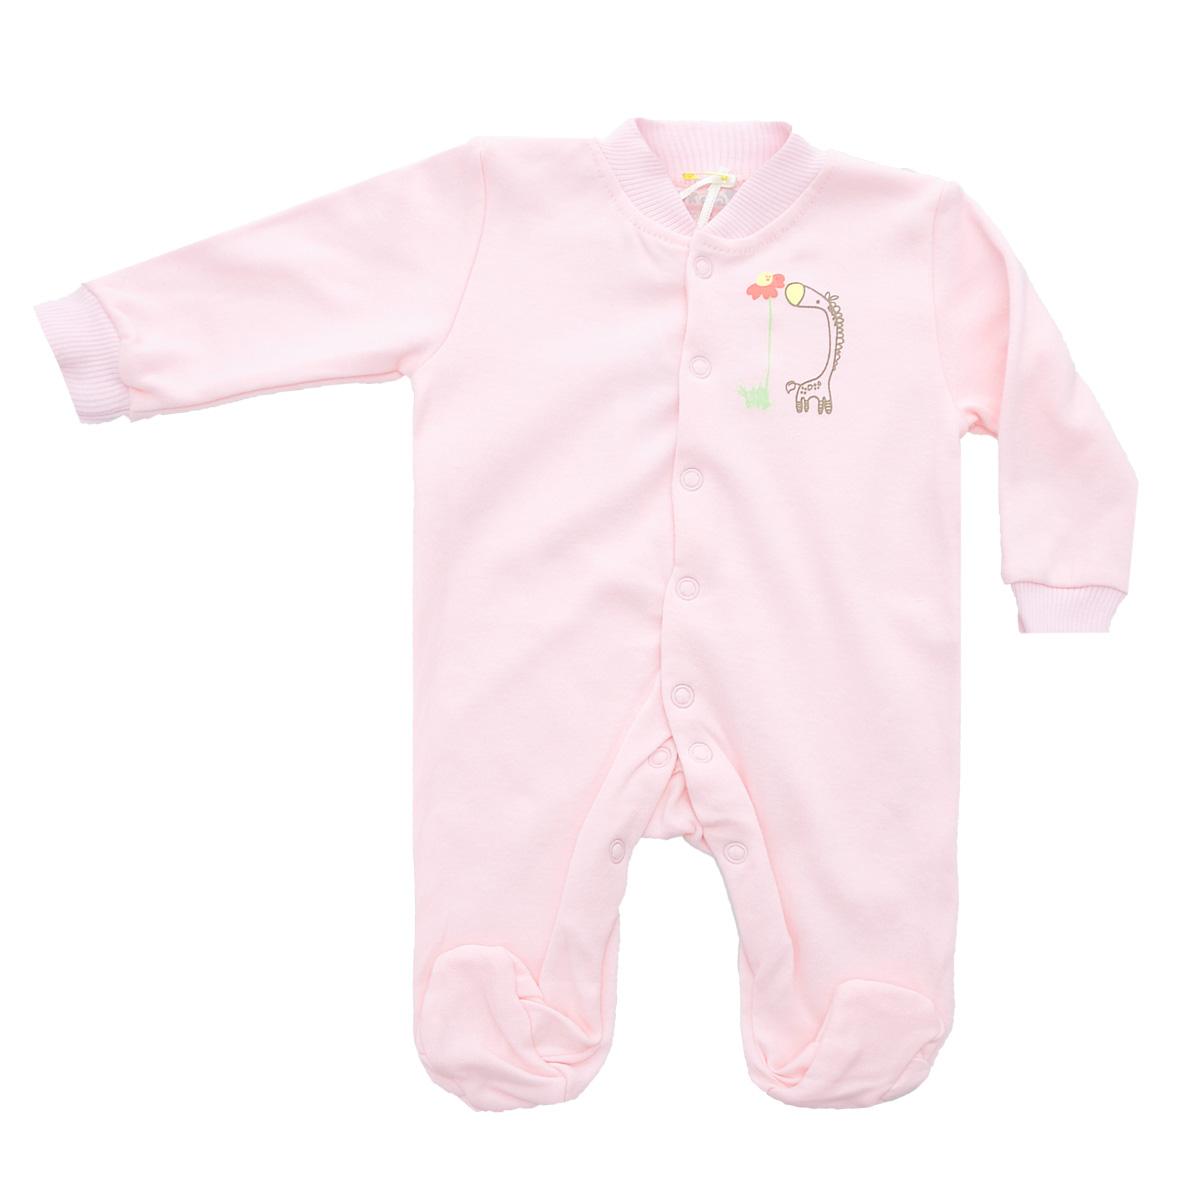 Комбинезон детский Клякса, цвет: розовый. 37-550. Размер 62, до 3 месяцев37-550Удобный детский комбинезон Клякса послужит идеальным дополнением к гардеробу ребенка. Комбинезон изготовлен из интерлок-пенье - натурального хлопка, благодаря чему он необычайно мягкий и легкий, не раздражает нежную кожу младенца и хорошо вентилируется, а эластичные швы приятны телу малыша и не препятствуют его движениям. Комбинезон с длинными рукавами, небольшим воротничком-стойкой и закрытыми ножками имеет ассиметричные застежки-кнопки от горловины до щиколотки, которые помогают легко переодеть ребенка или сменить подгузник. Низ рукавов дополнен широкими эластичными манжетами, не пережимающими запястья малыша. На груди изделие оформлено оригинальным принтом с изображением забавного животного.Комбинезон полностью соответствует особенностям жизни ребенка в ранний период, не стесняя и не ограничивая его в движениях!